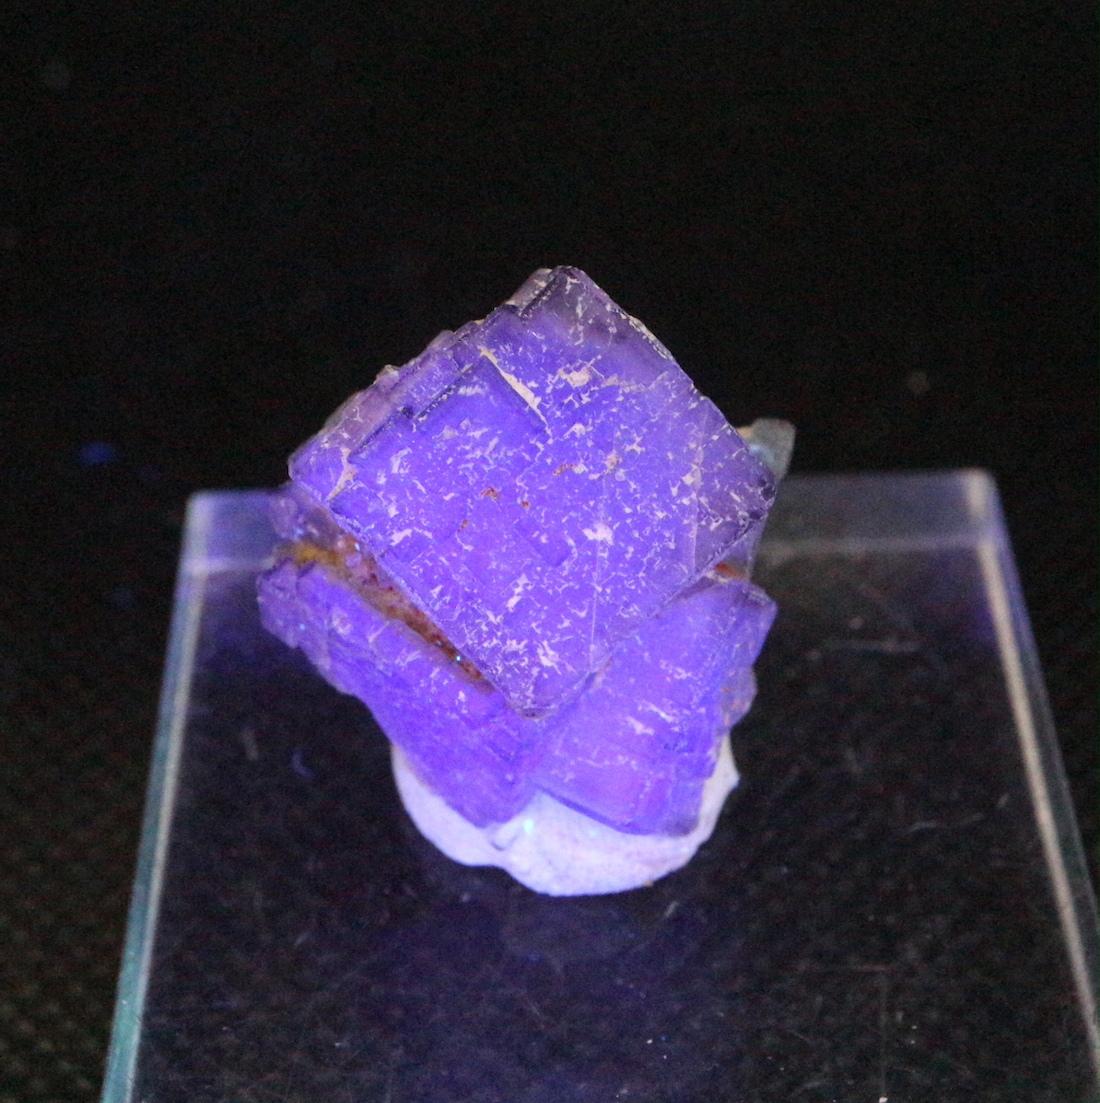 蛍石 フローライト ニューメキシコ州産 原石 7,9g FL148 鉱物 天然石 パワーストーン